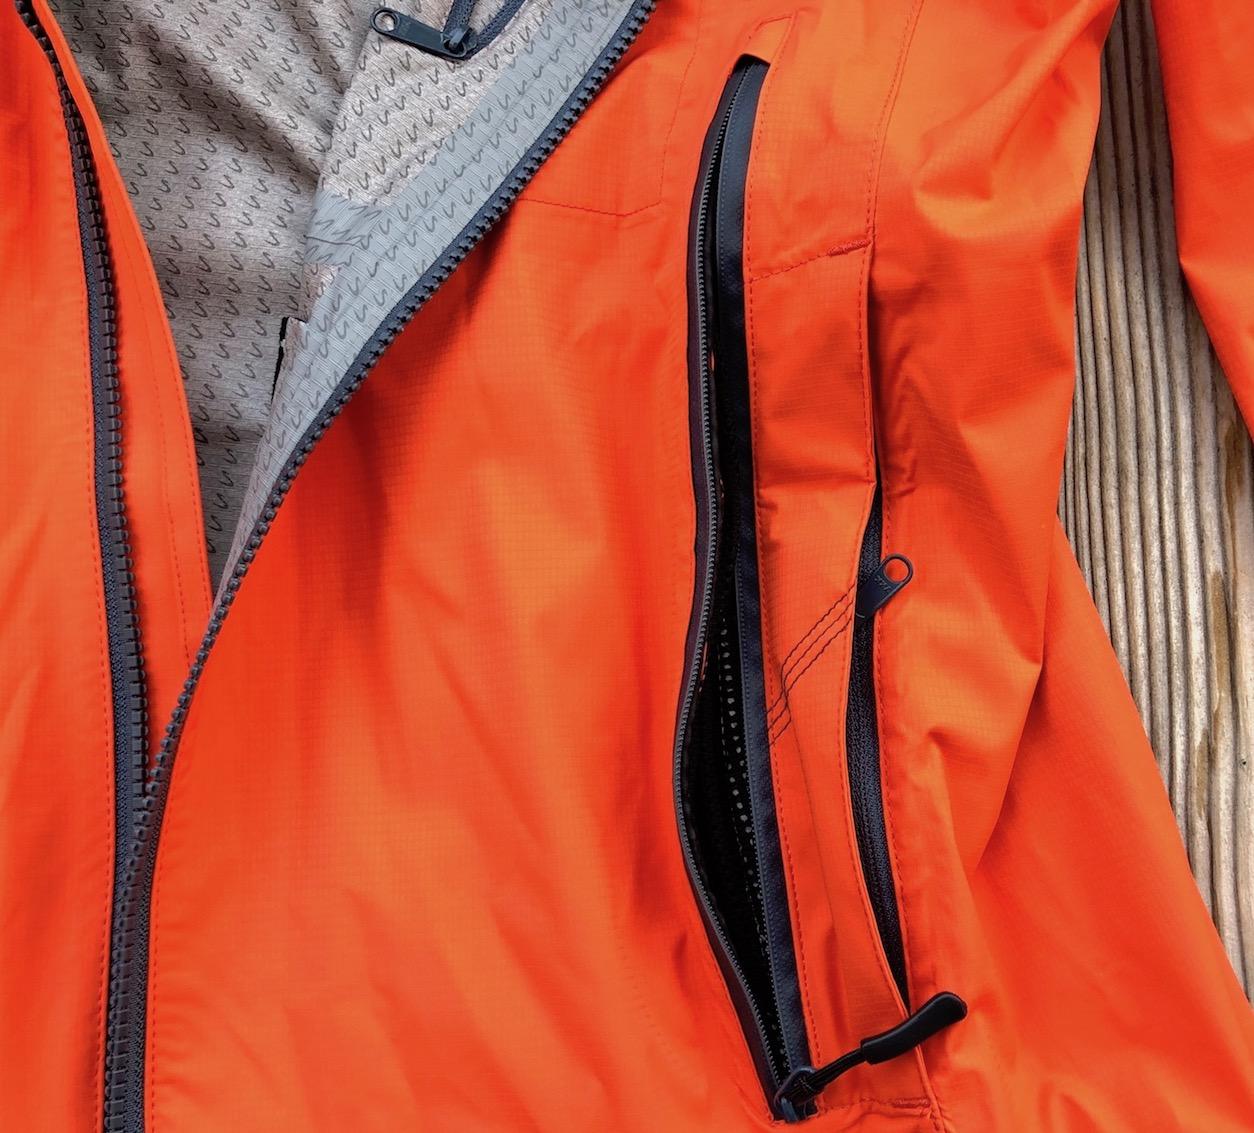 IMBA - Fronttasche und Reißverschluss zur Belüftung